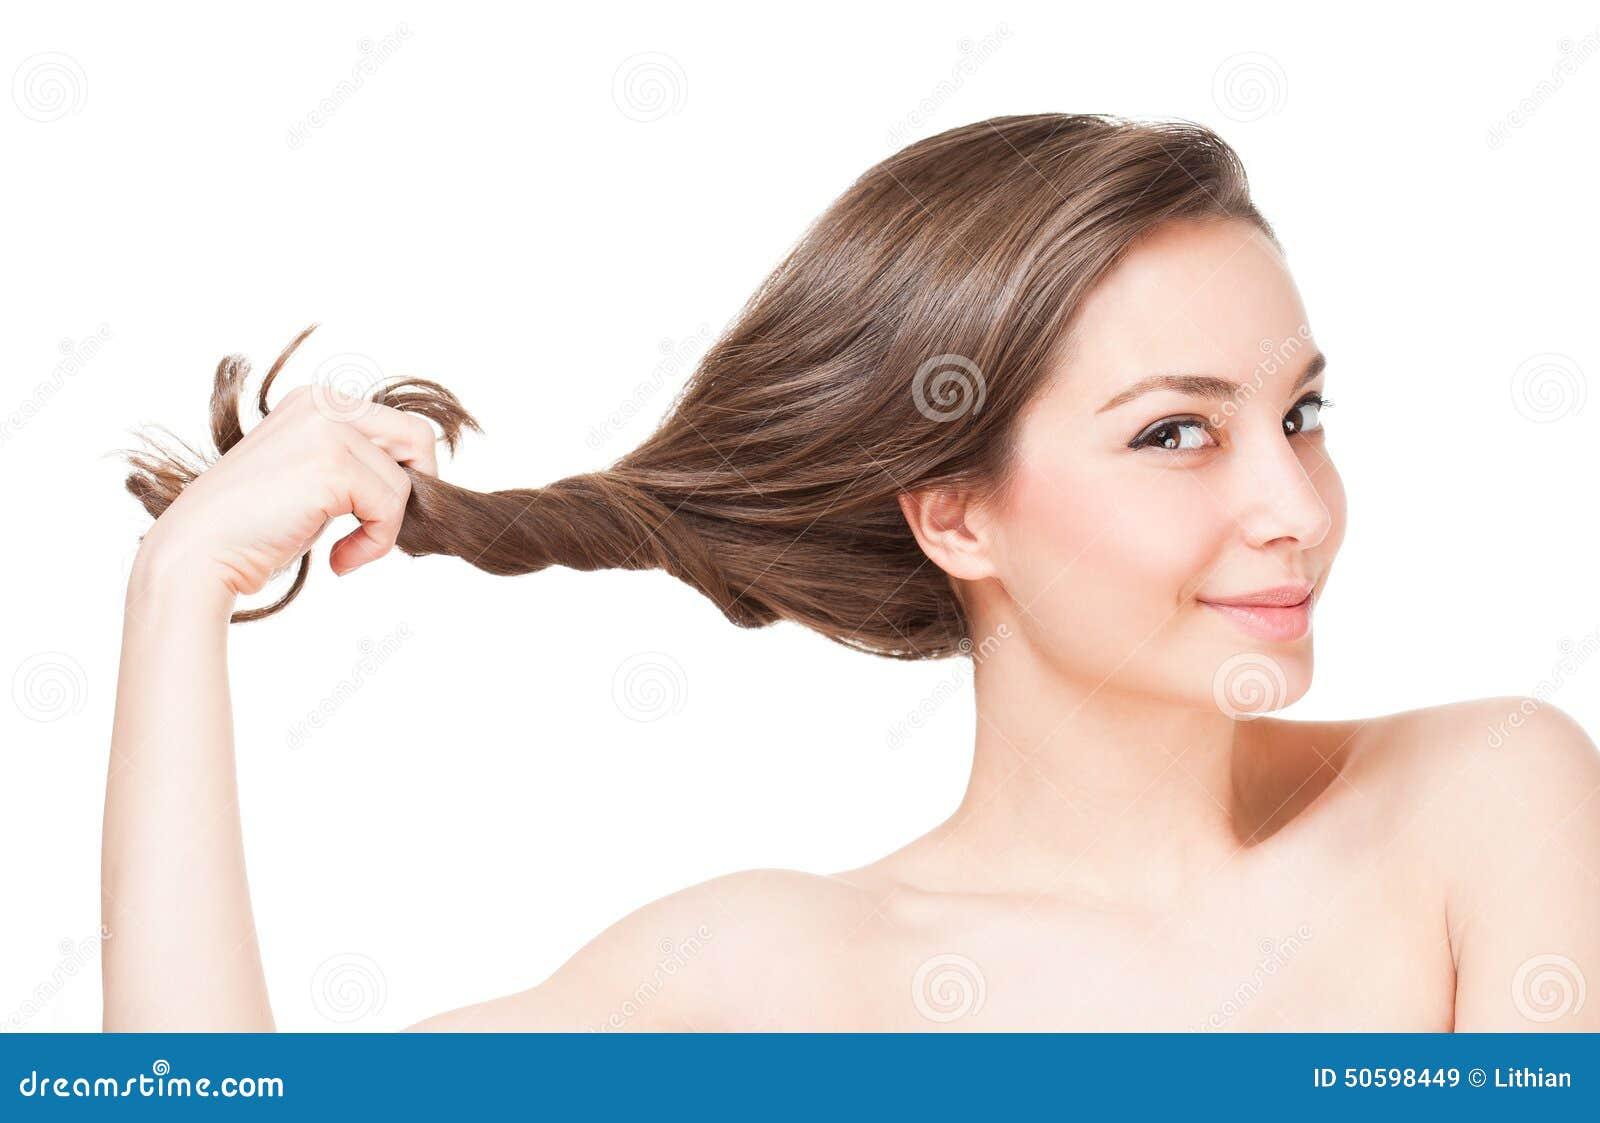 Silny zdrowy włosy